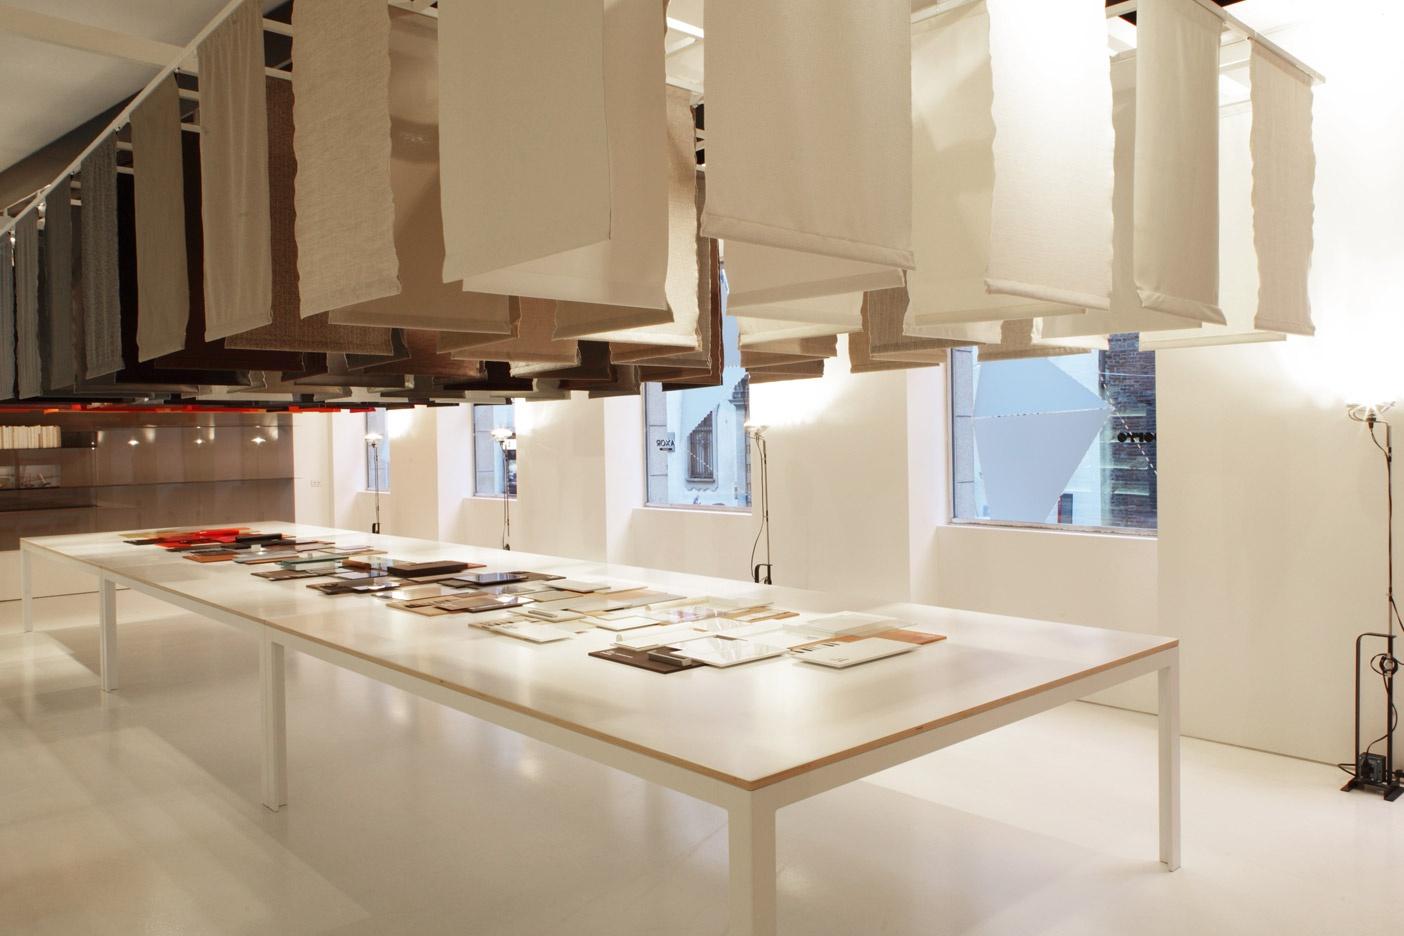 Porro, image:news_immagini - Porro Spa - <p><span>Bespoke. Made for you. Porro duriniquindici, Milano</span></p>